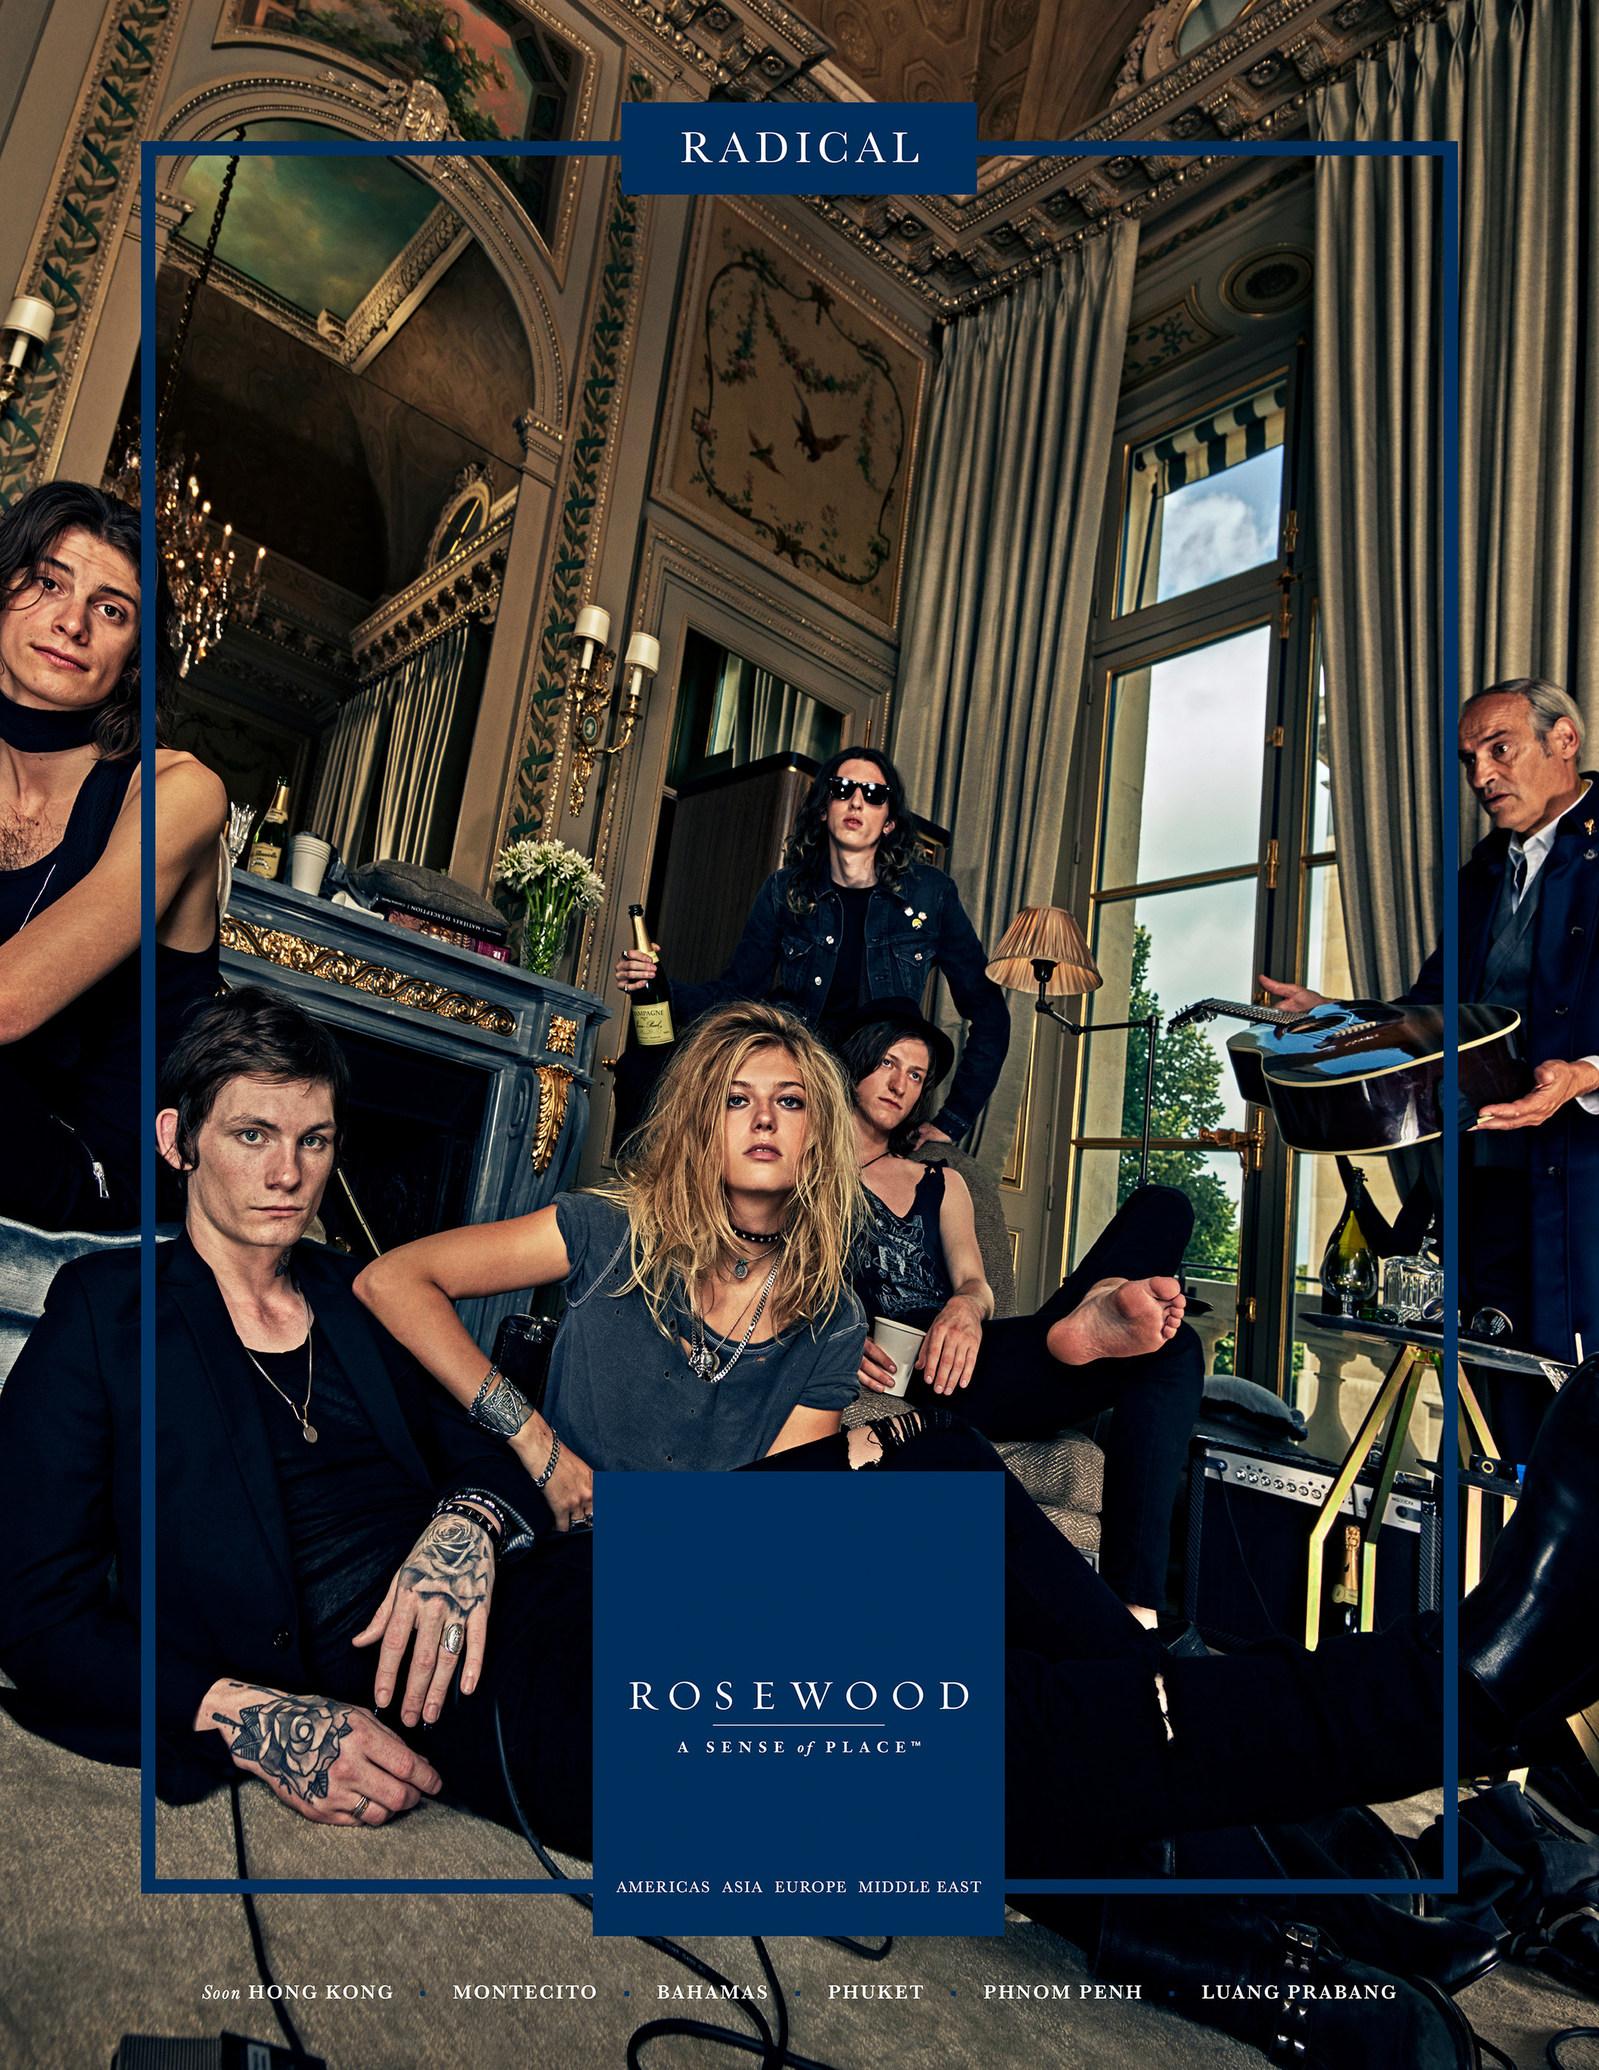 ครีเอทีฟ Balmain ร่วมโชว์ในแคมเปญใหม่ของ Rosewood Hotels & Resorts